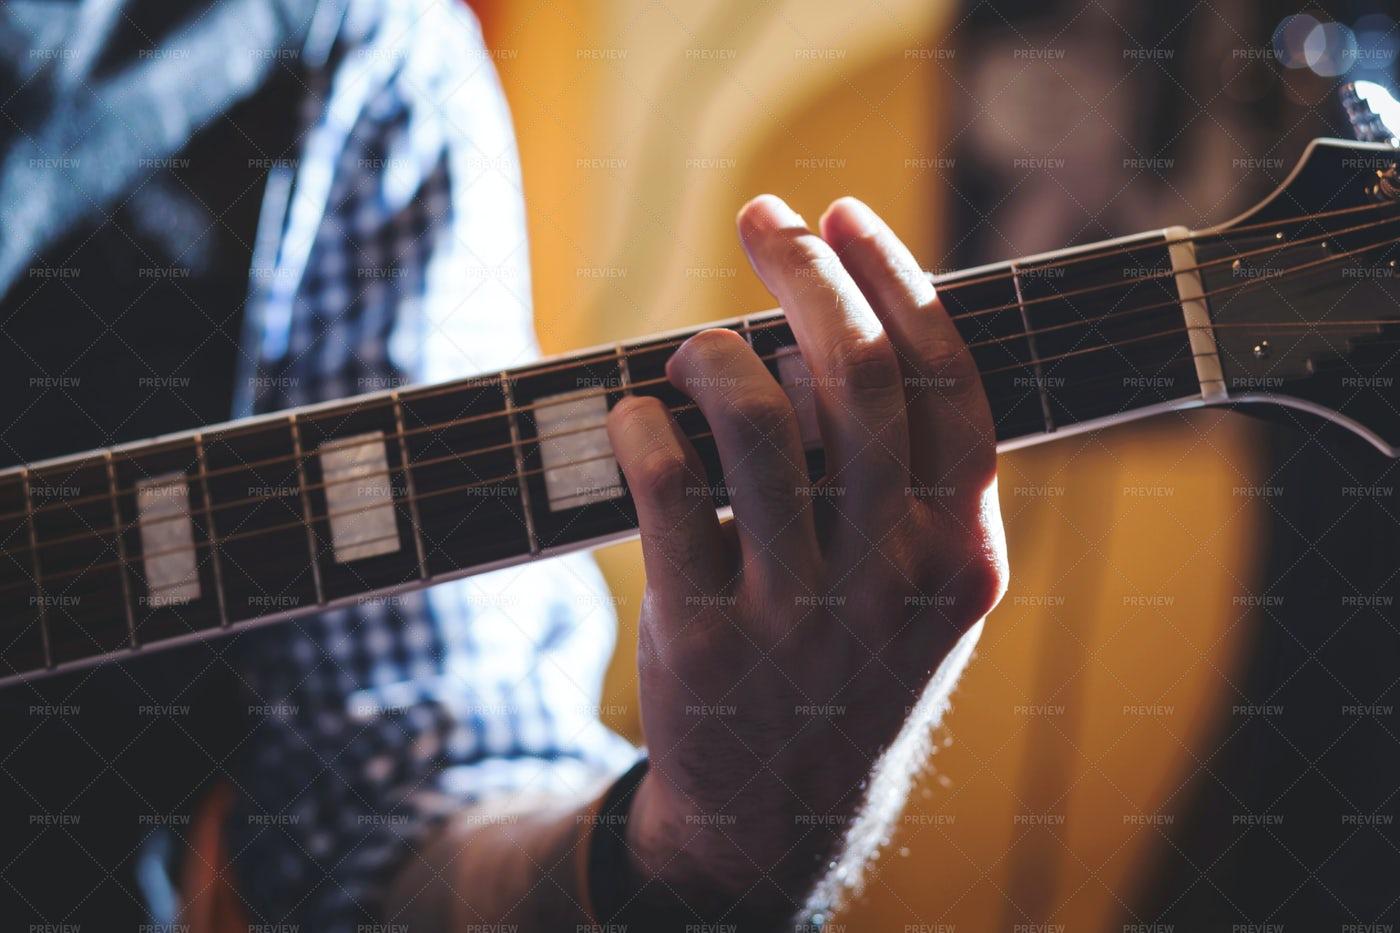 Playing Classic Guitar.: Stock Photos